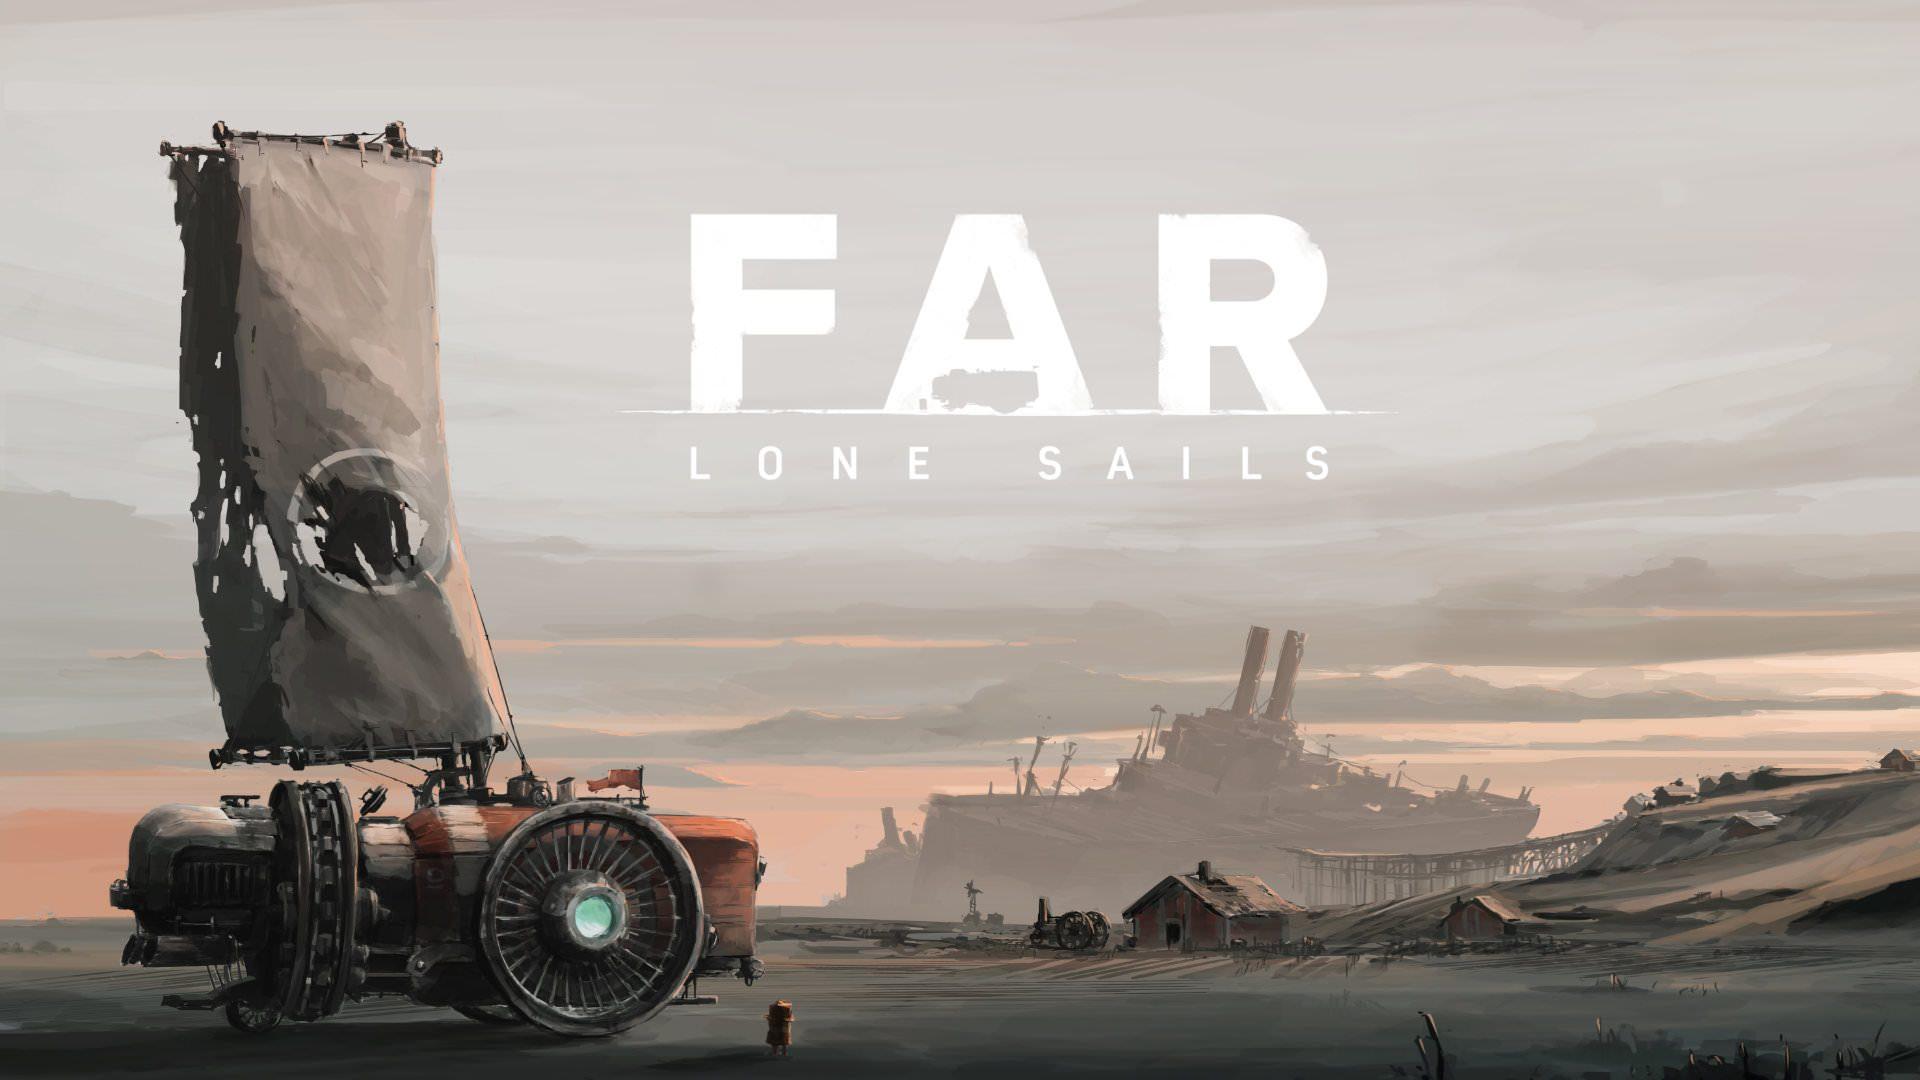 孤帆远航Mac版 FAR Lone Sails 中文游戏 苹果电脑 Mac游戏-特务兔